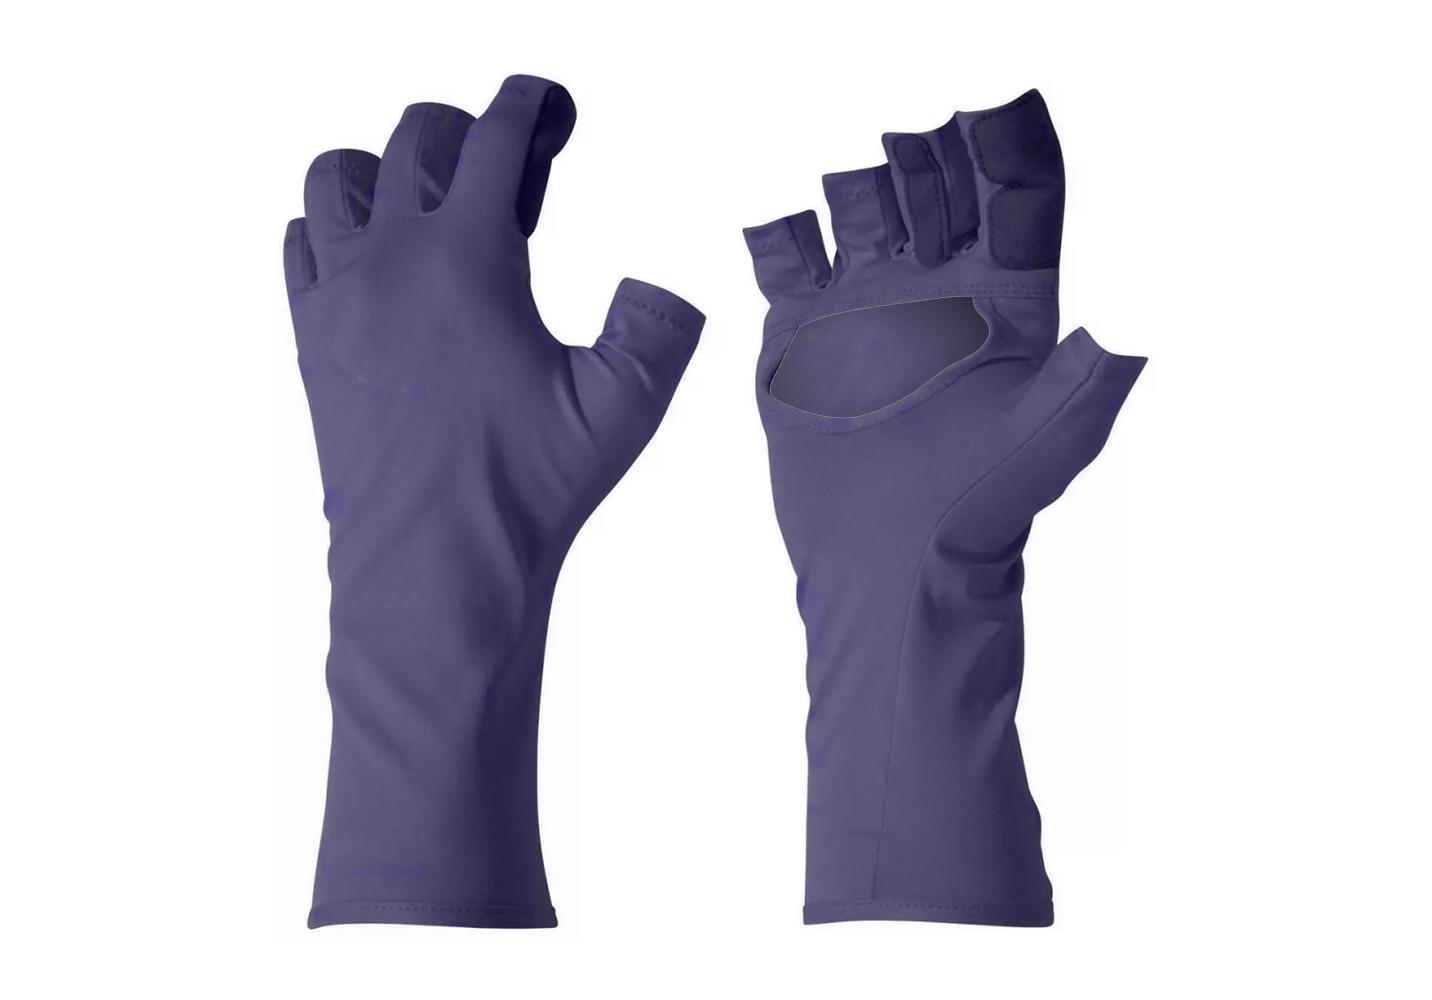 Fingerless Nylon Gloves/IWG-017-P